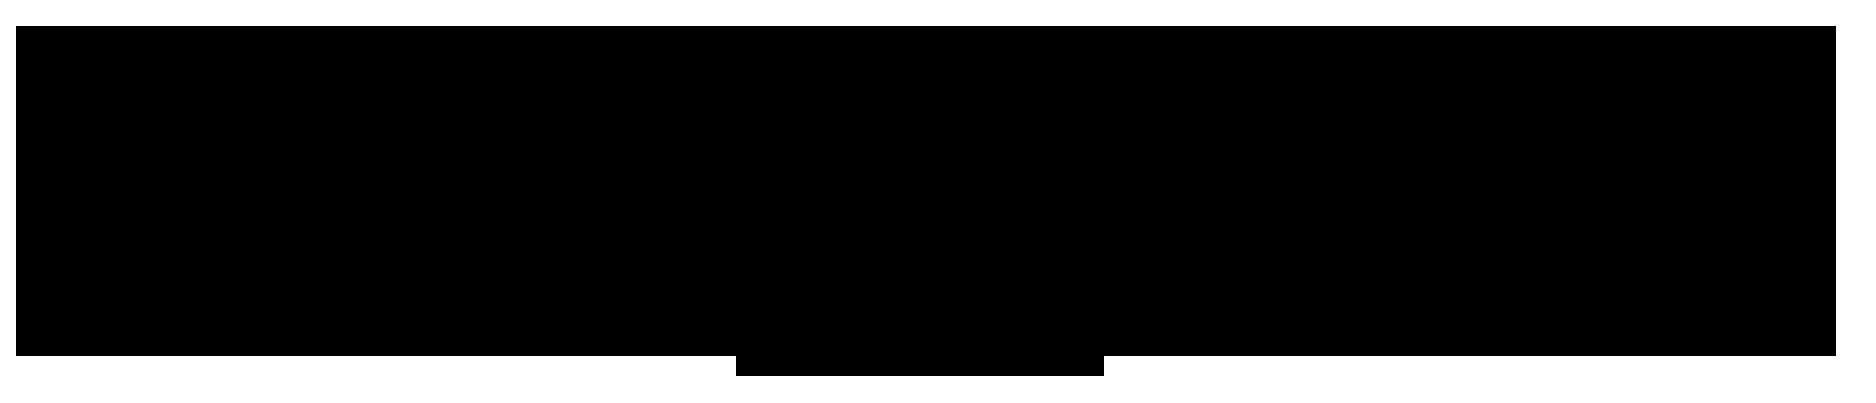 naturlig påskepynt